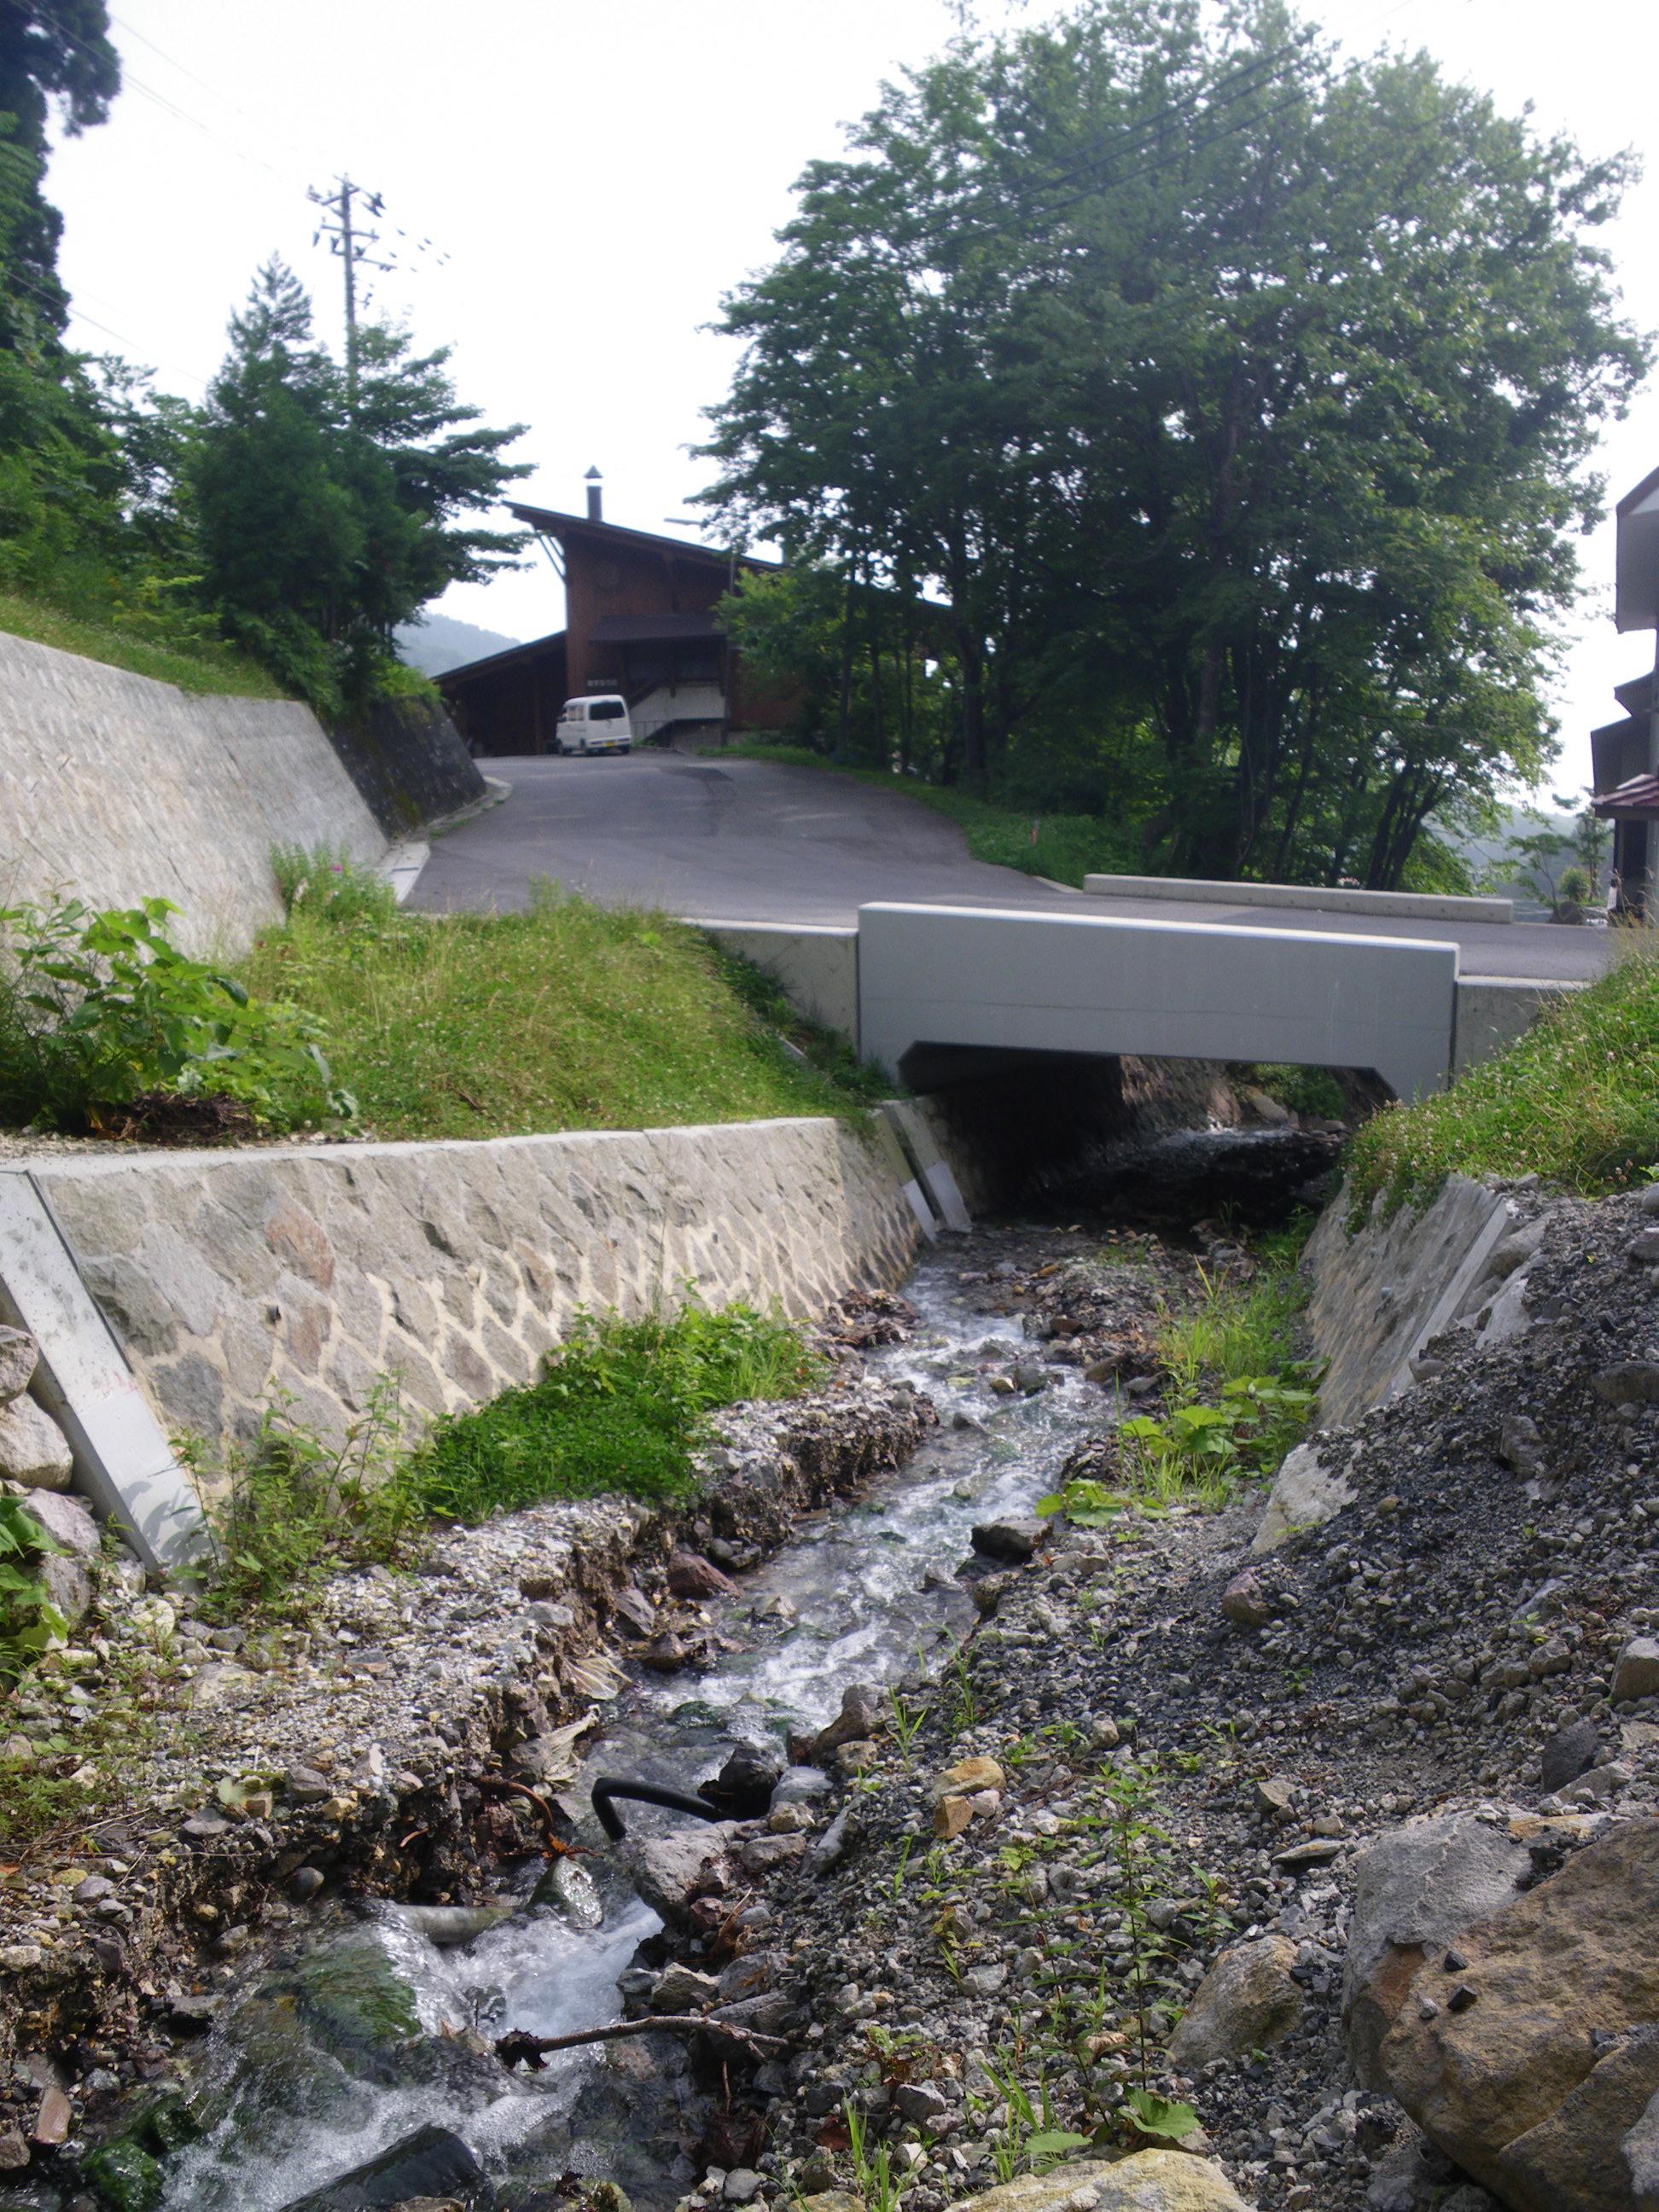 ヴァルトベルクや故郷へいく二度川の橋